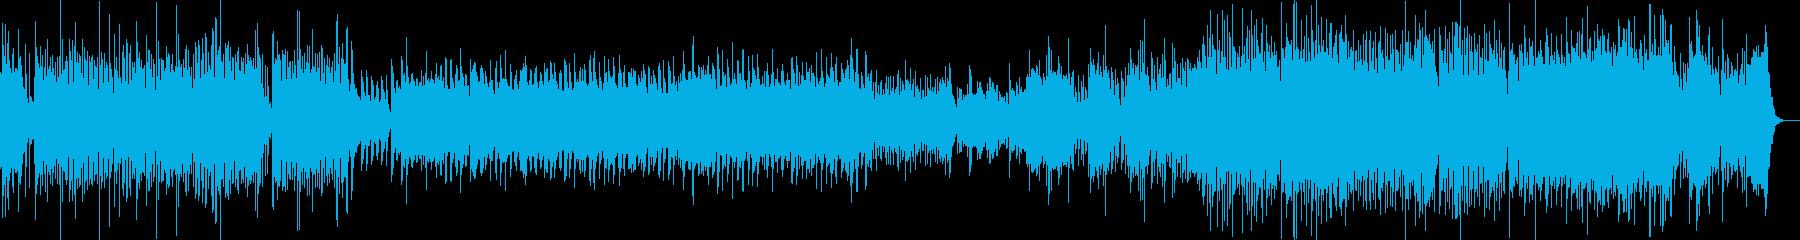 吹奏楽のための第1組曲変ホ長調作品28aの再生済みの波形